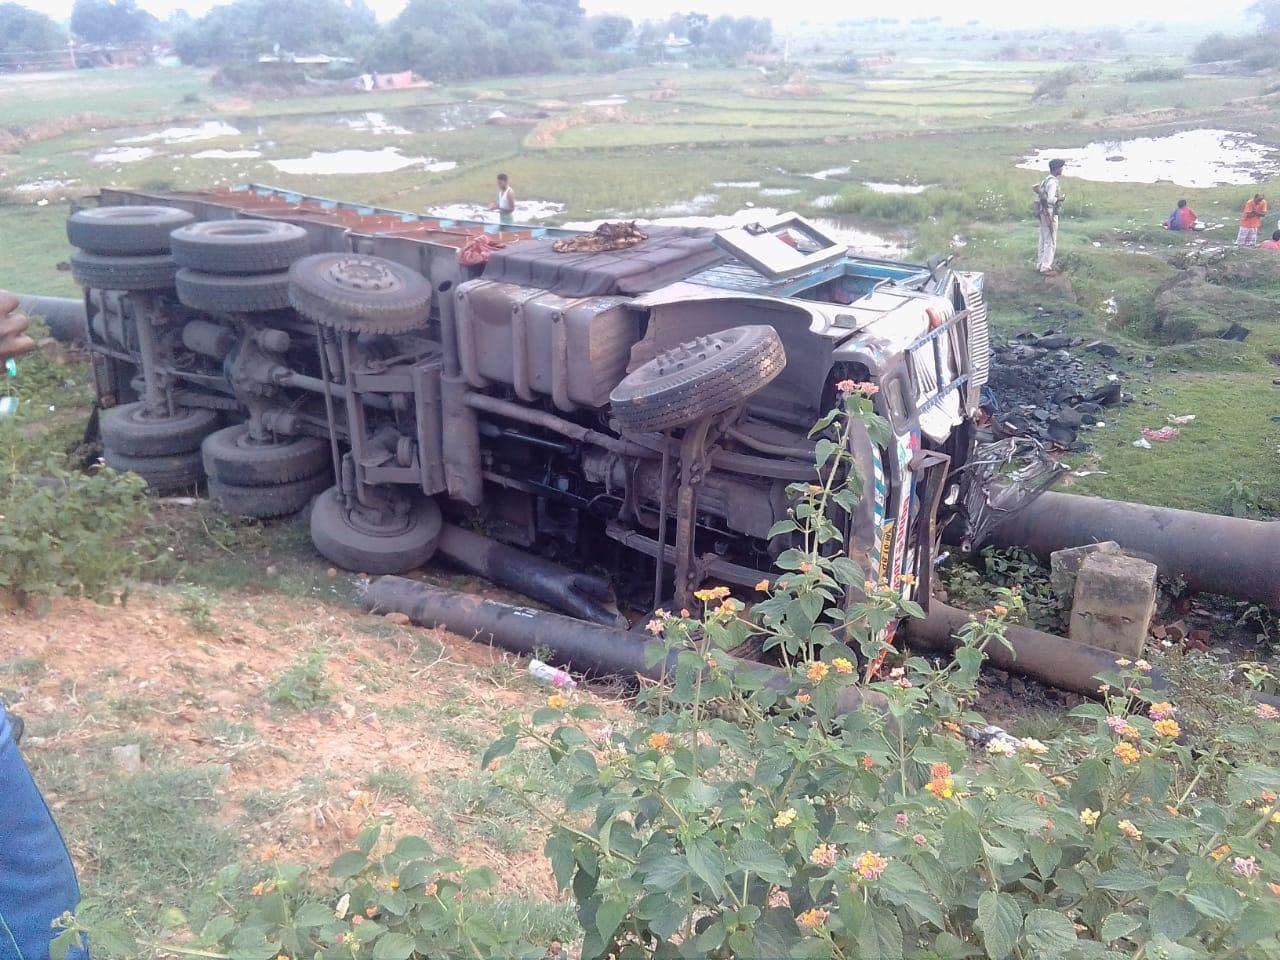 <p>जगनाथपुर योगदा कॅालेज के पुल के पास कल रात 12:30 बजे एक कोयला लदा ट्रक पलट गया। पानी सप्लाई पाइप बुरी तरह क्षतिग्रस्त।</p>